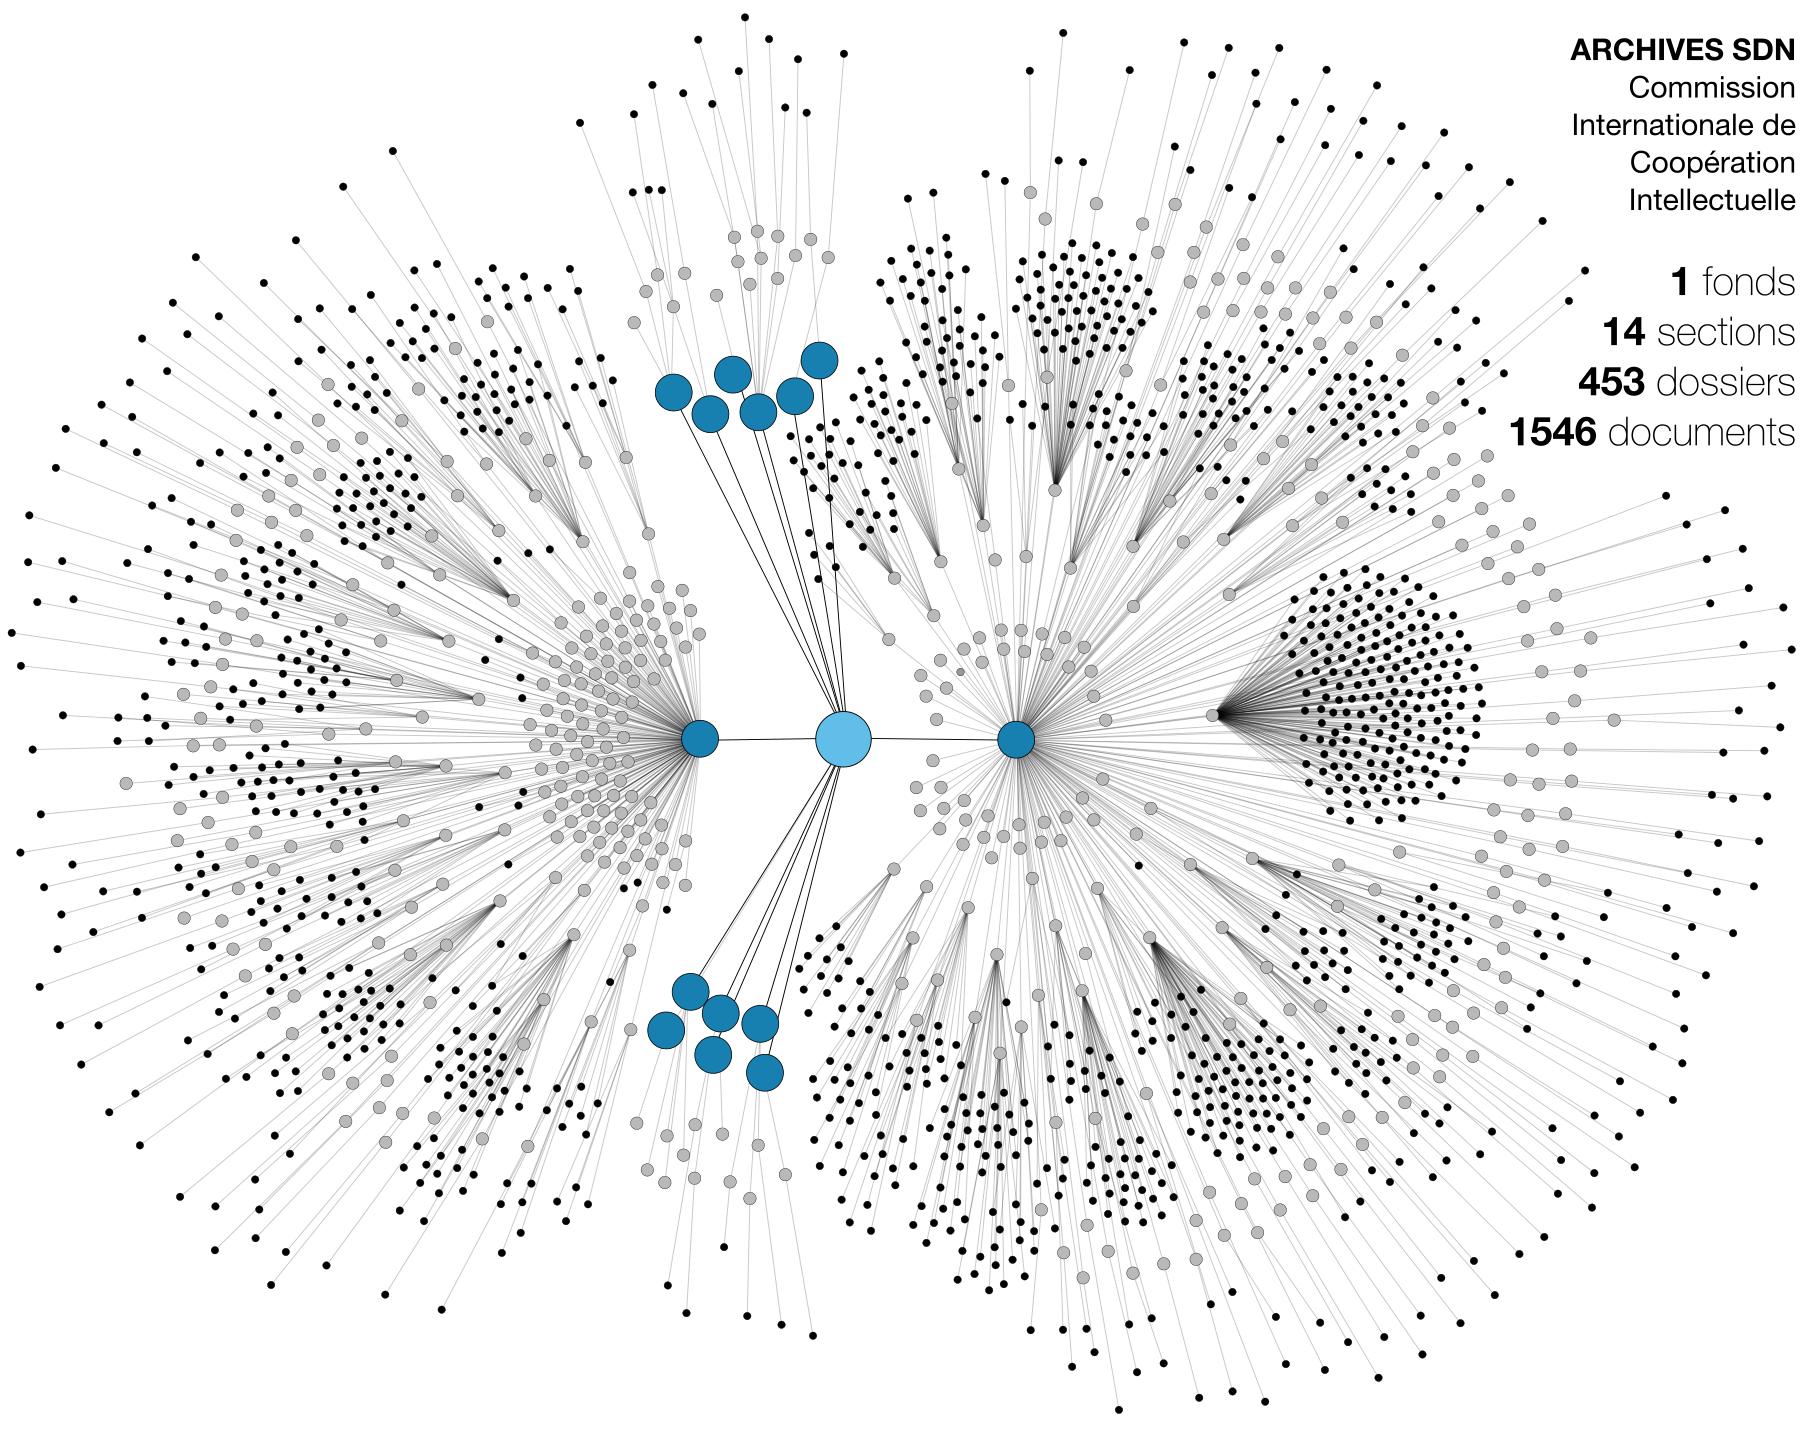 Réseau : cartographie du répertoire d'archives